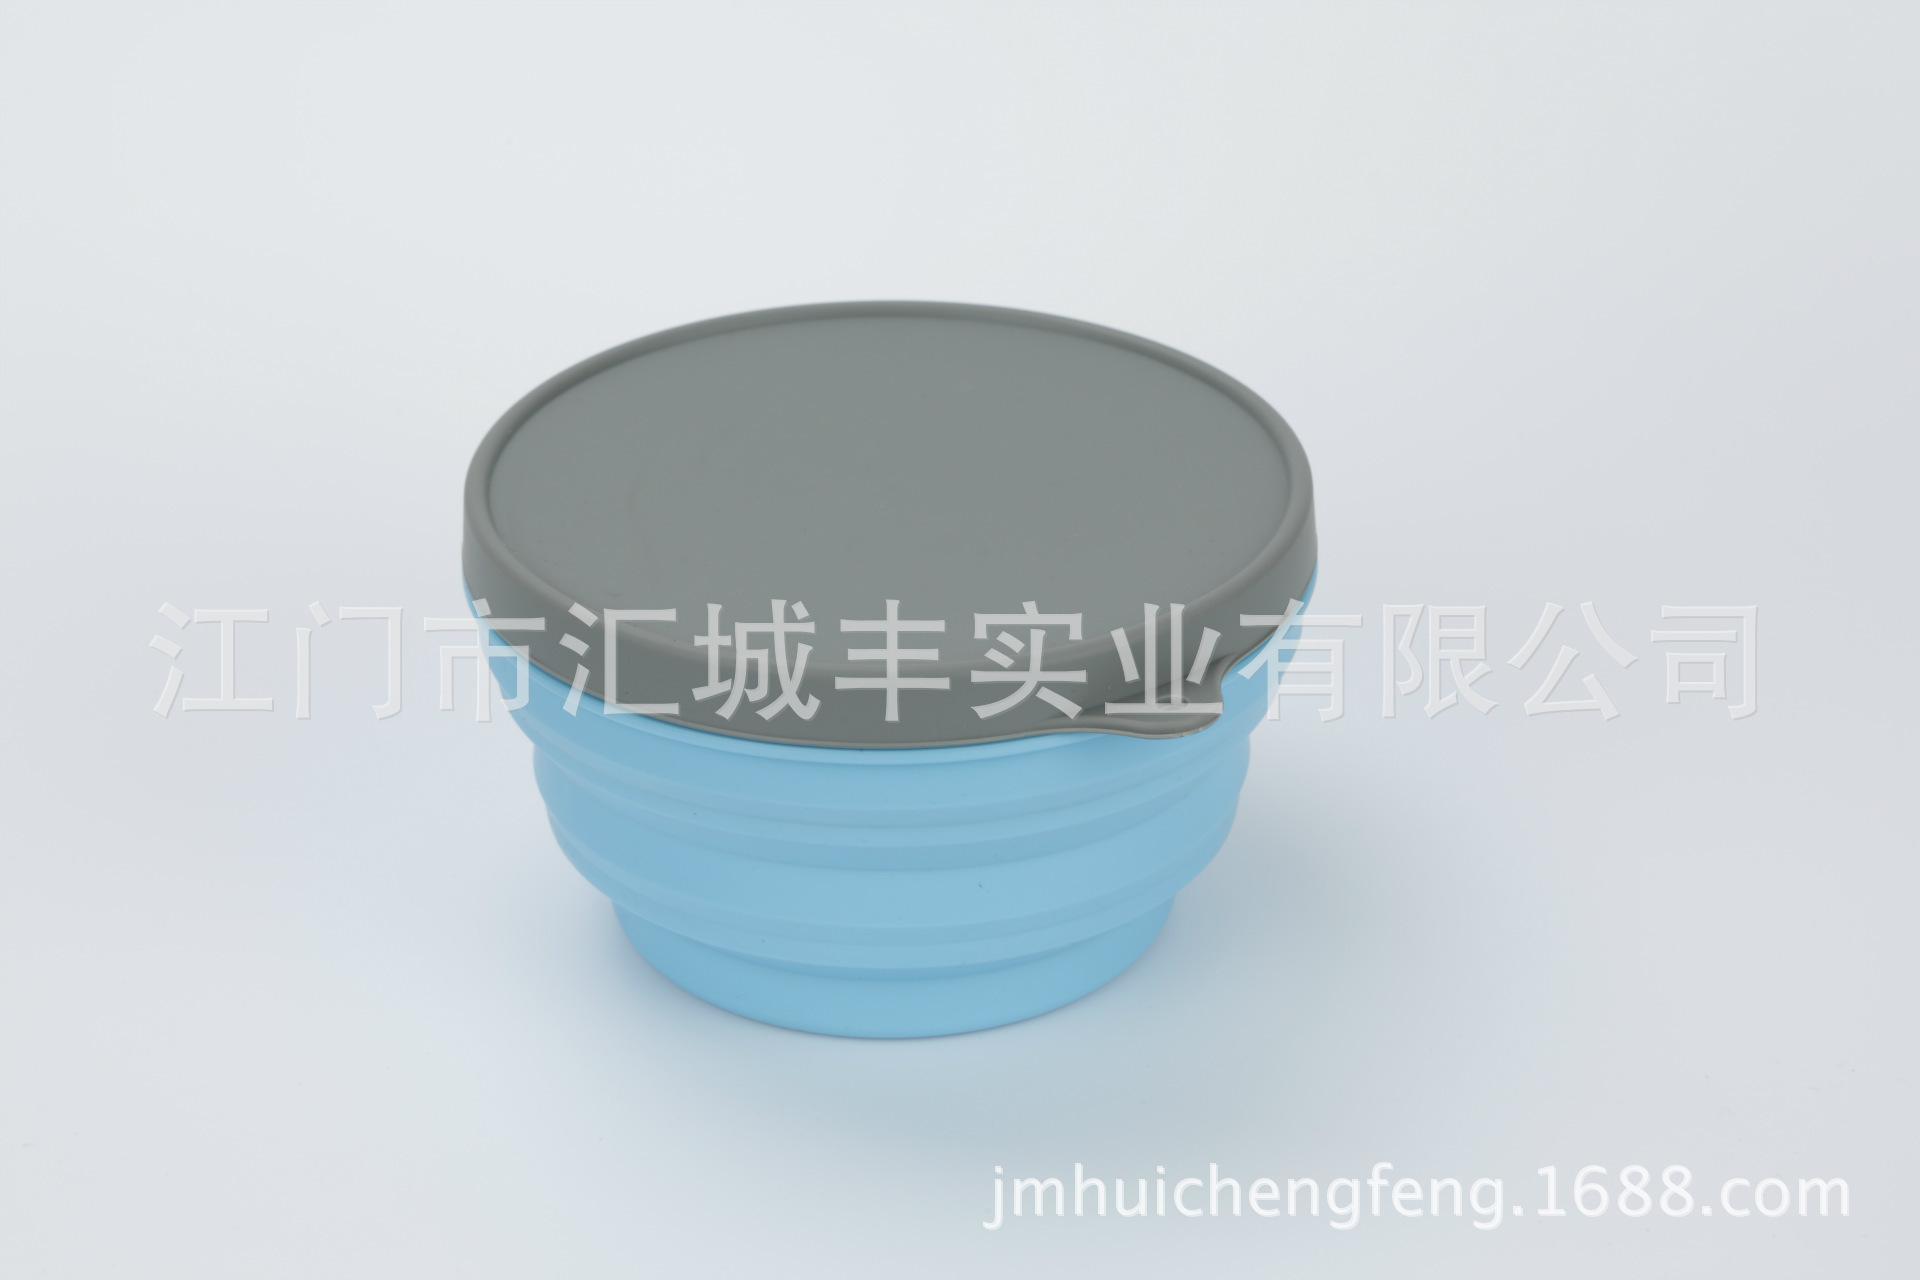 硅胶折叠碗套装大中小三个一套,食品级硅胶材质安全 无毒